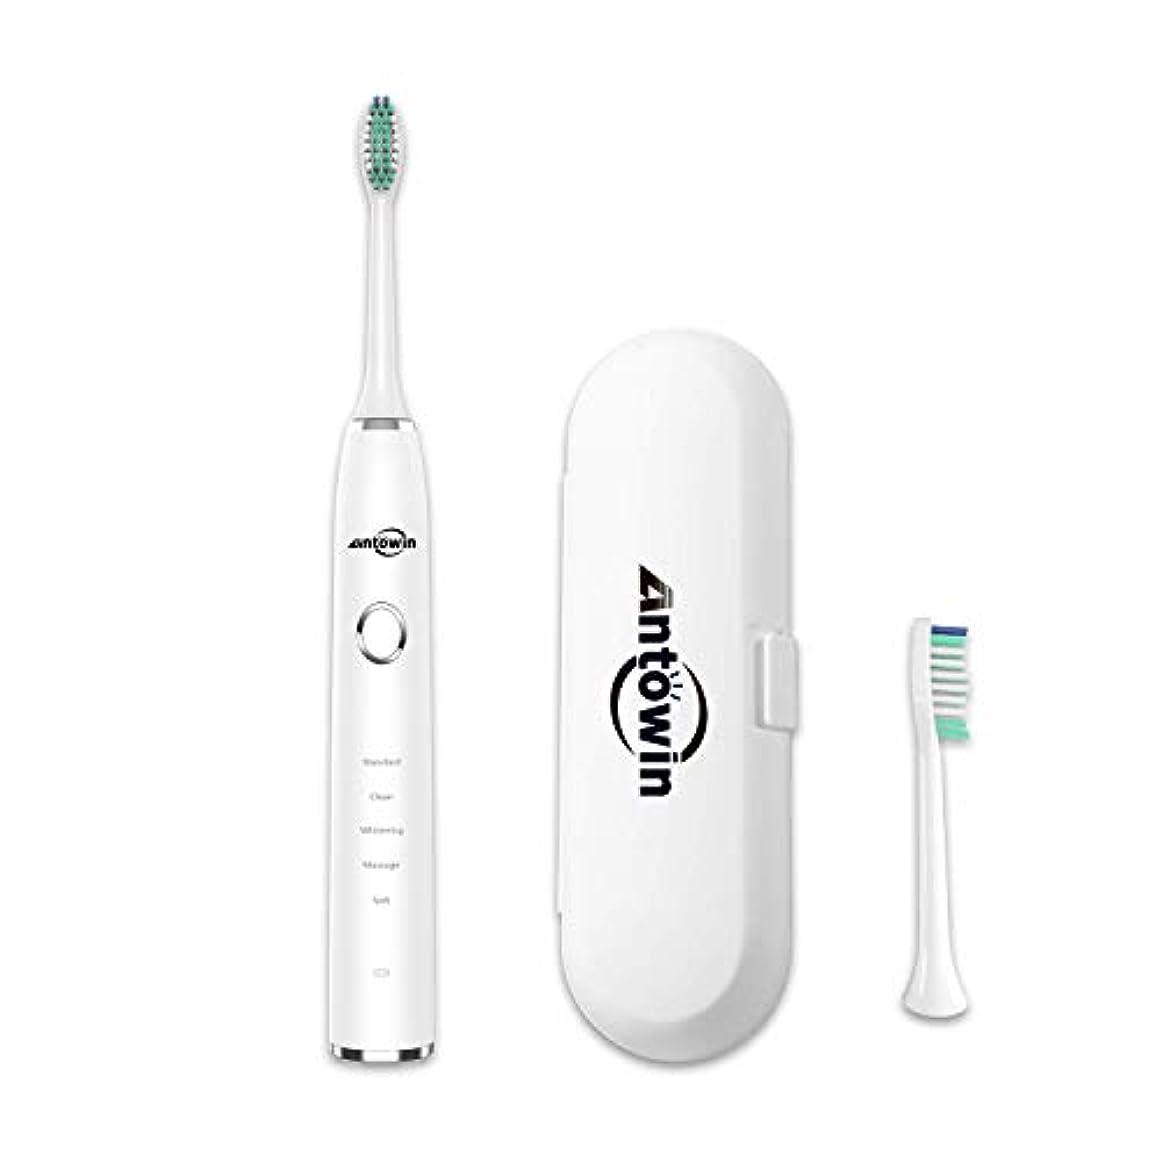 姓予測する欺電動歯ブラシ antowin 5モード IPX8防水ボディ 替え歯ブラシ 2本付属 持ち運び 旅用 2分オートタイマー 歯磨き 小型ケース付属 H9 ホワイト